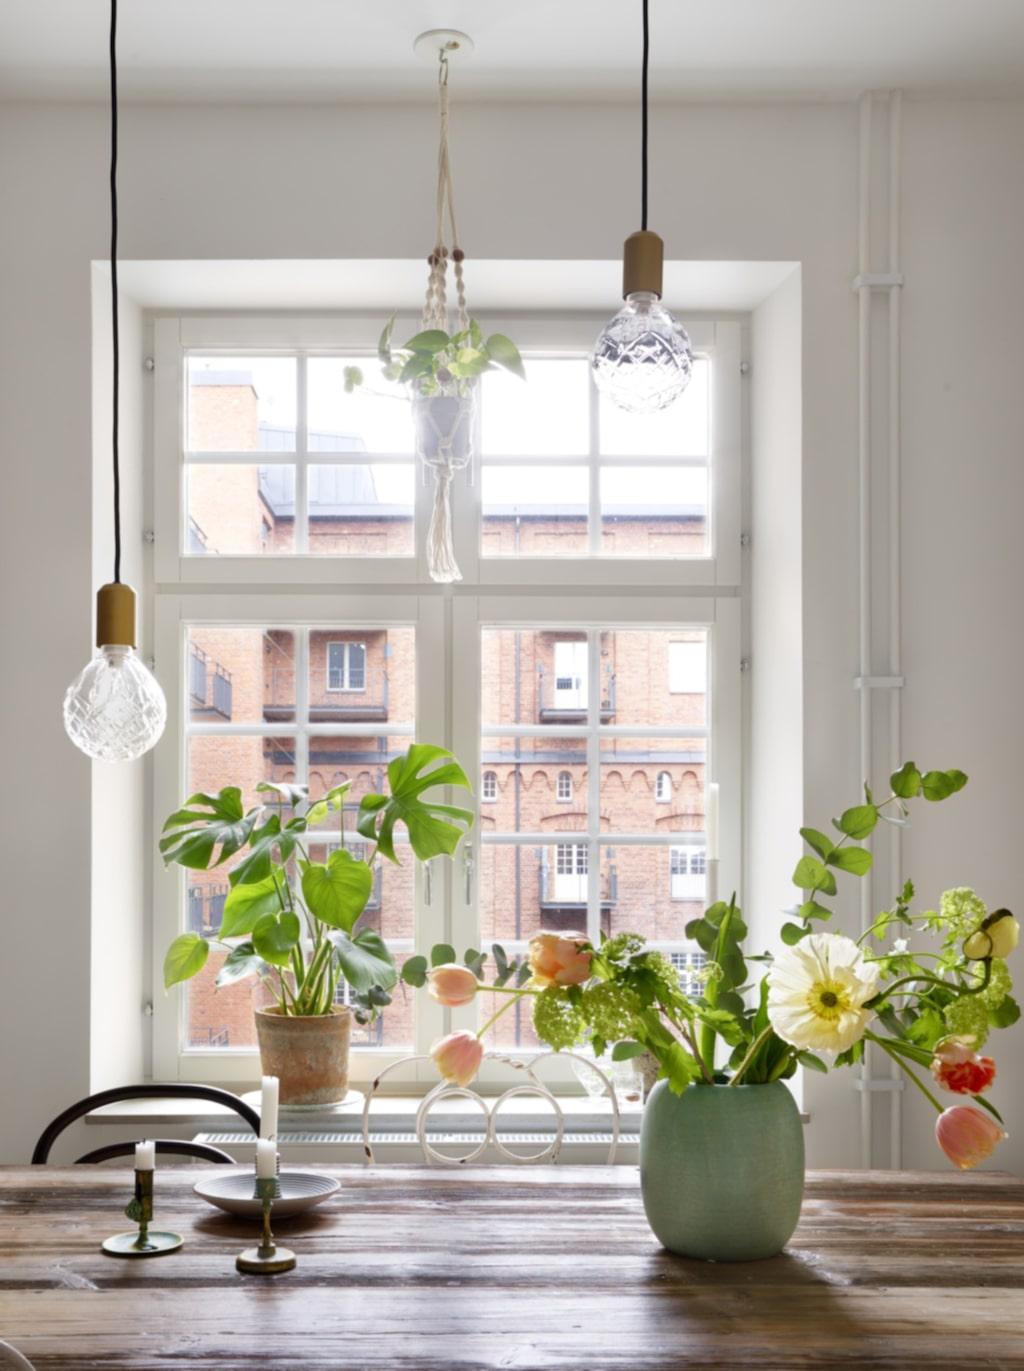 Gröna växter. I fönstret står en monstera i kruka från Plantagen. Ljusstake med fat från Paradisverkstaden. Ljusstakarna i mässing är loppisfynd. Ampel från Lagerhaus.